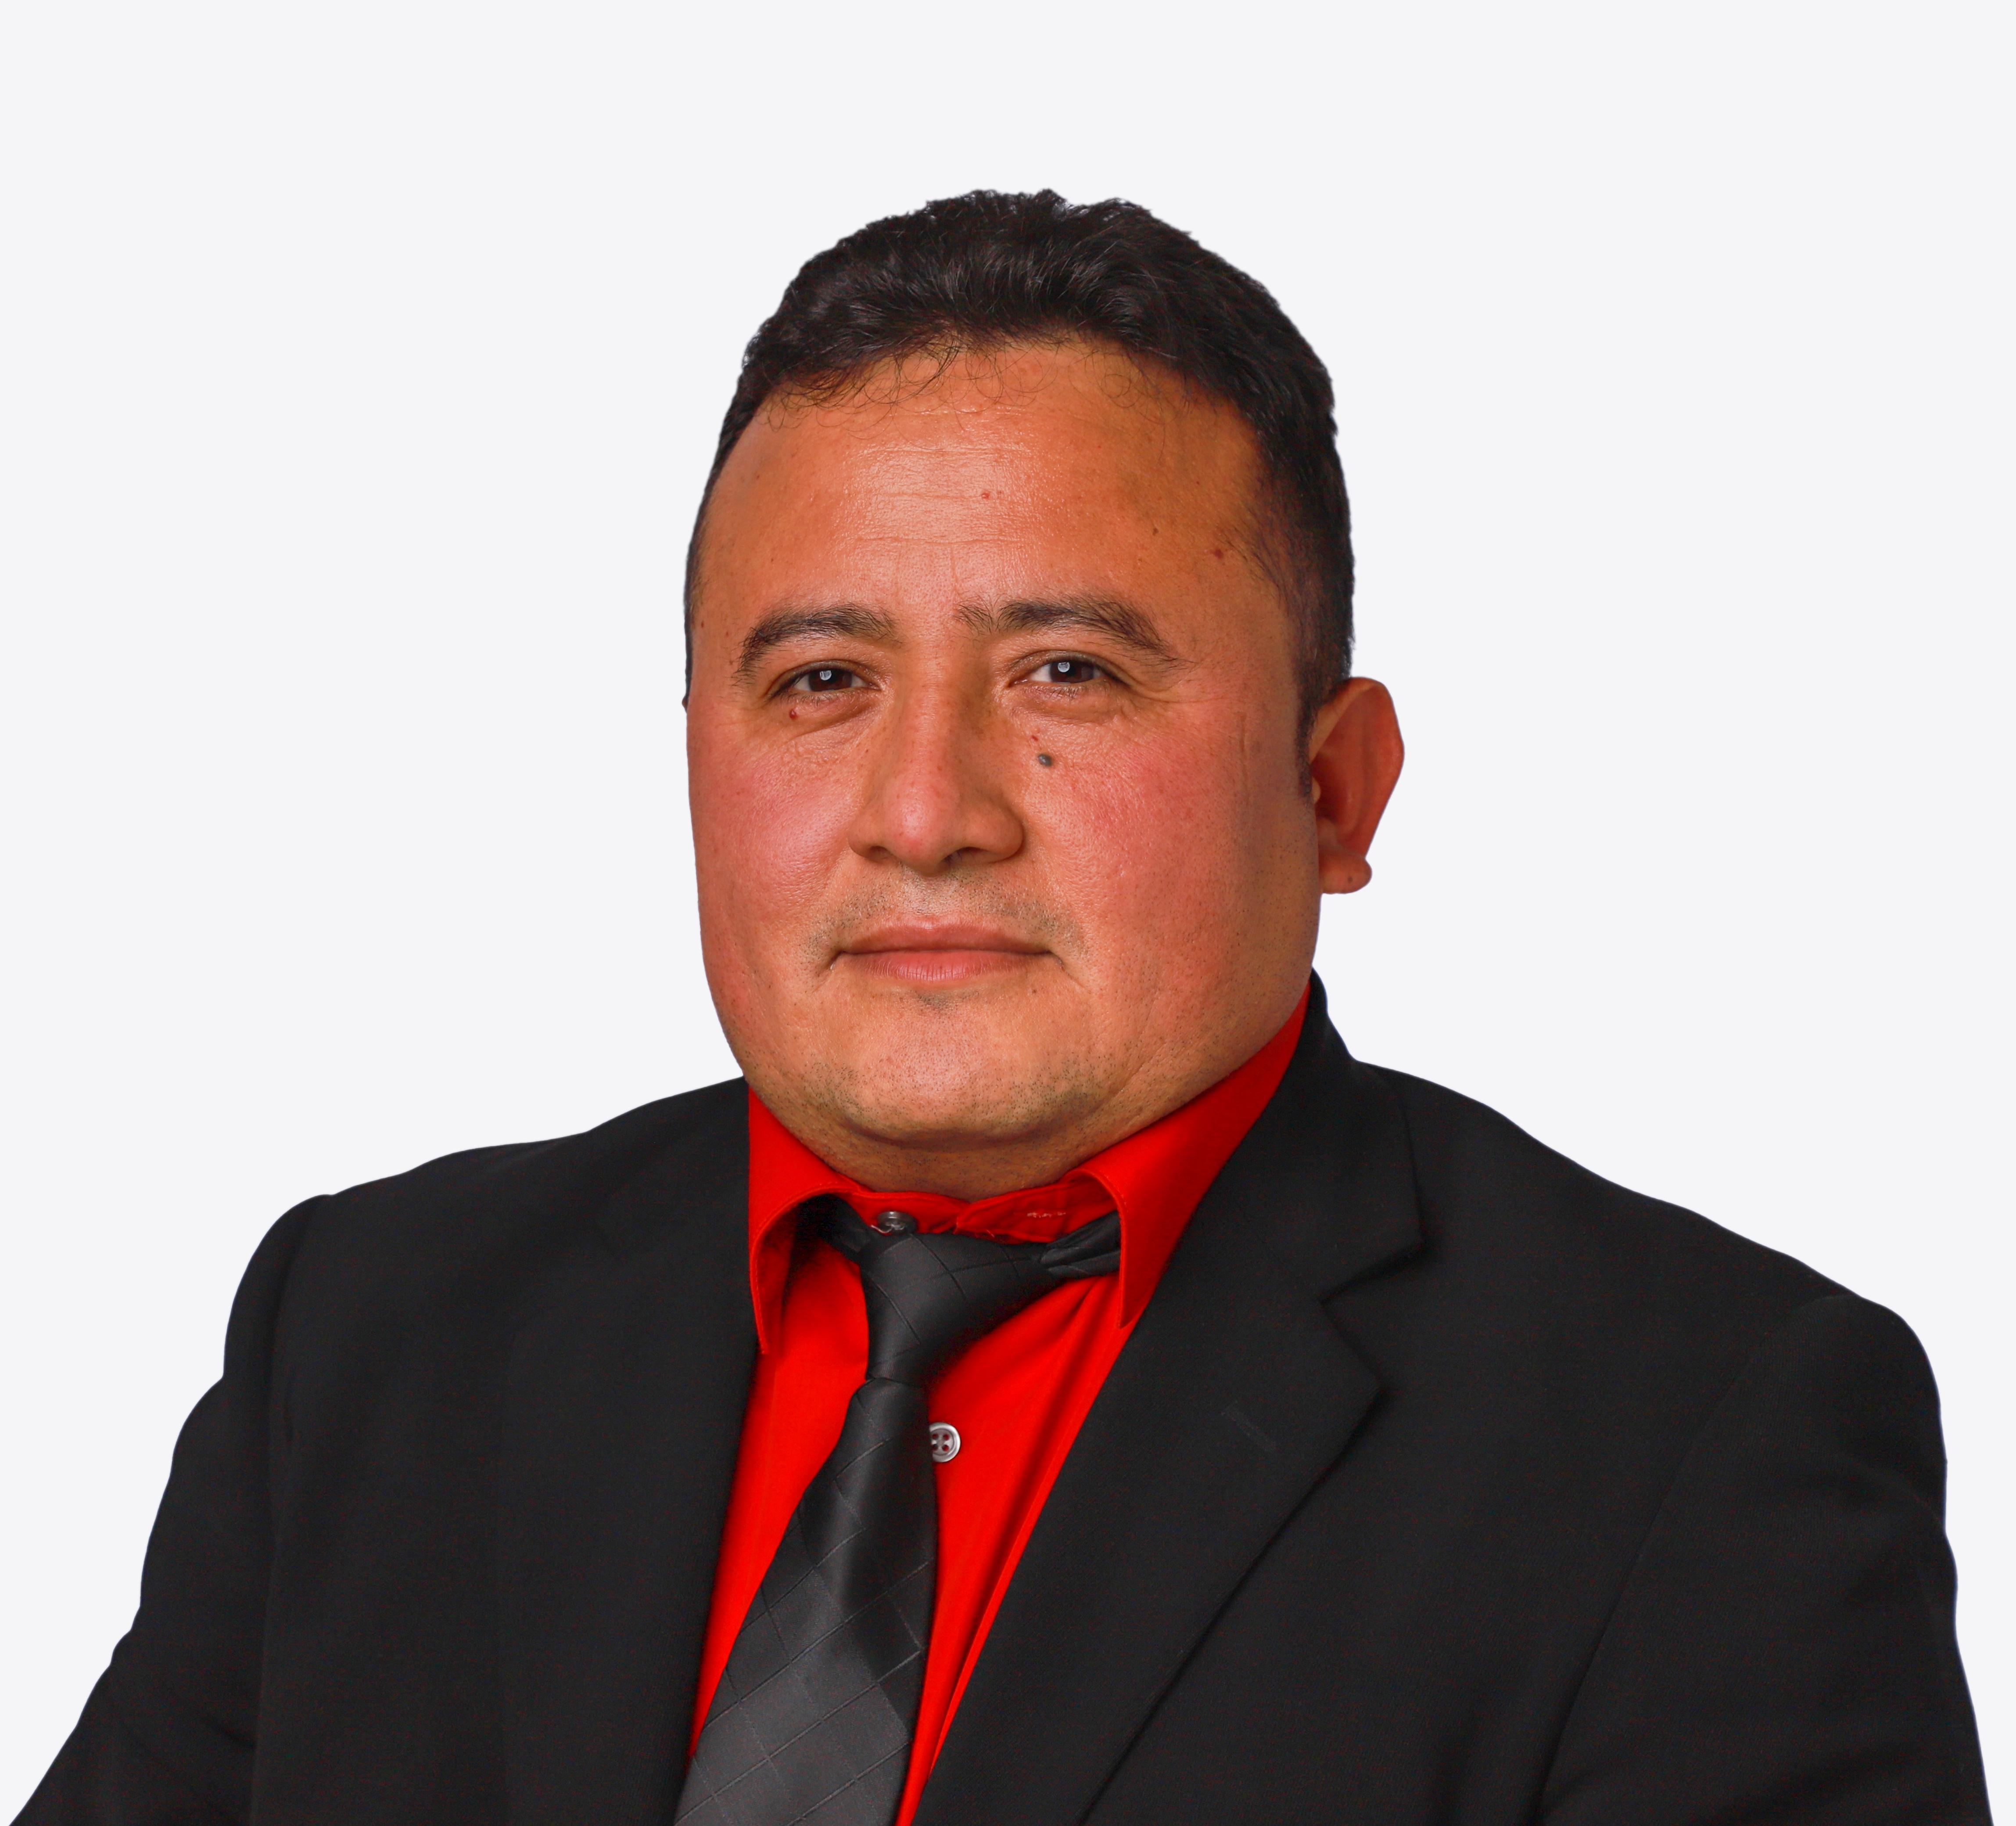 Marvin Molina